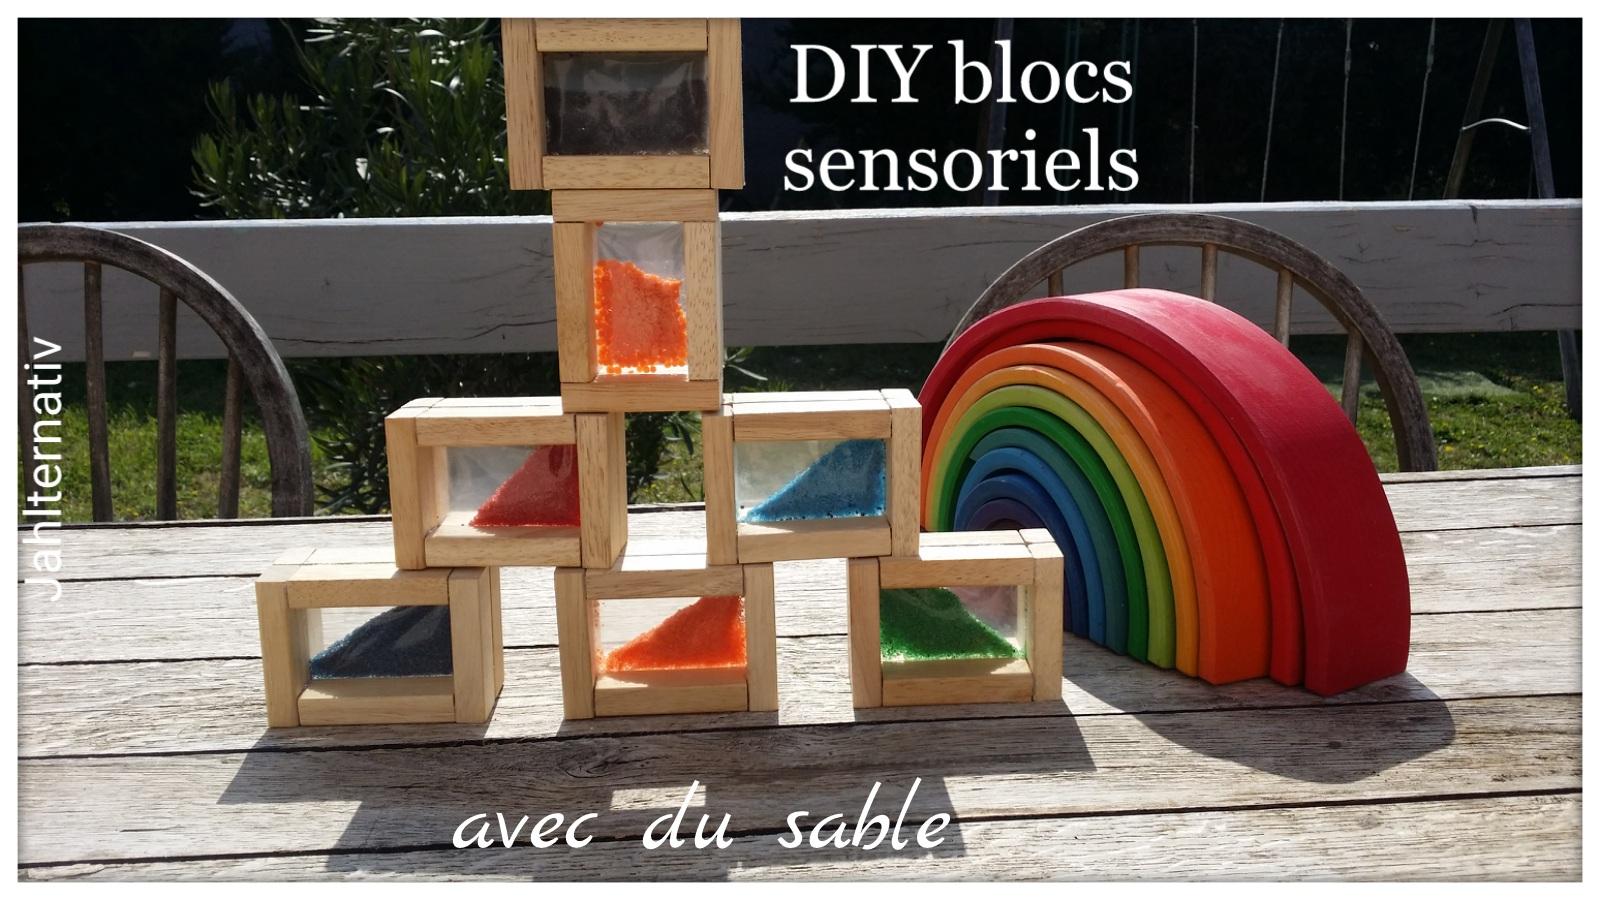 jahlternativ diy blocs sensoriels aux couleurs arc en ciel sable g latineux lentilles etc. Black Bedroom Furniture Sets. Home Design Ideas